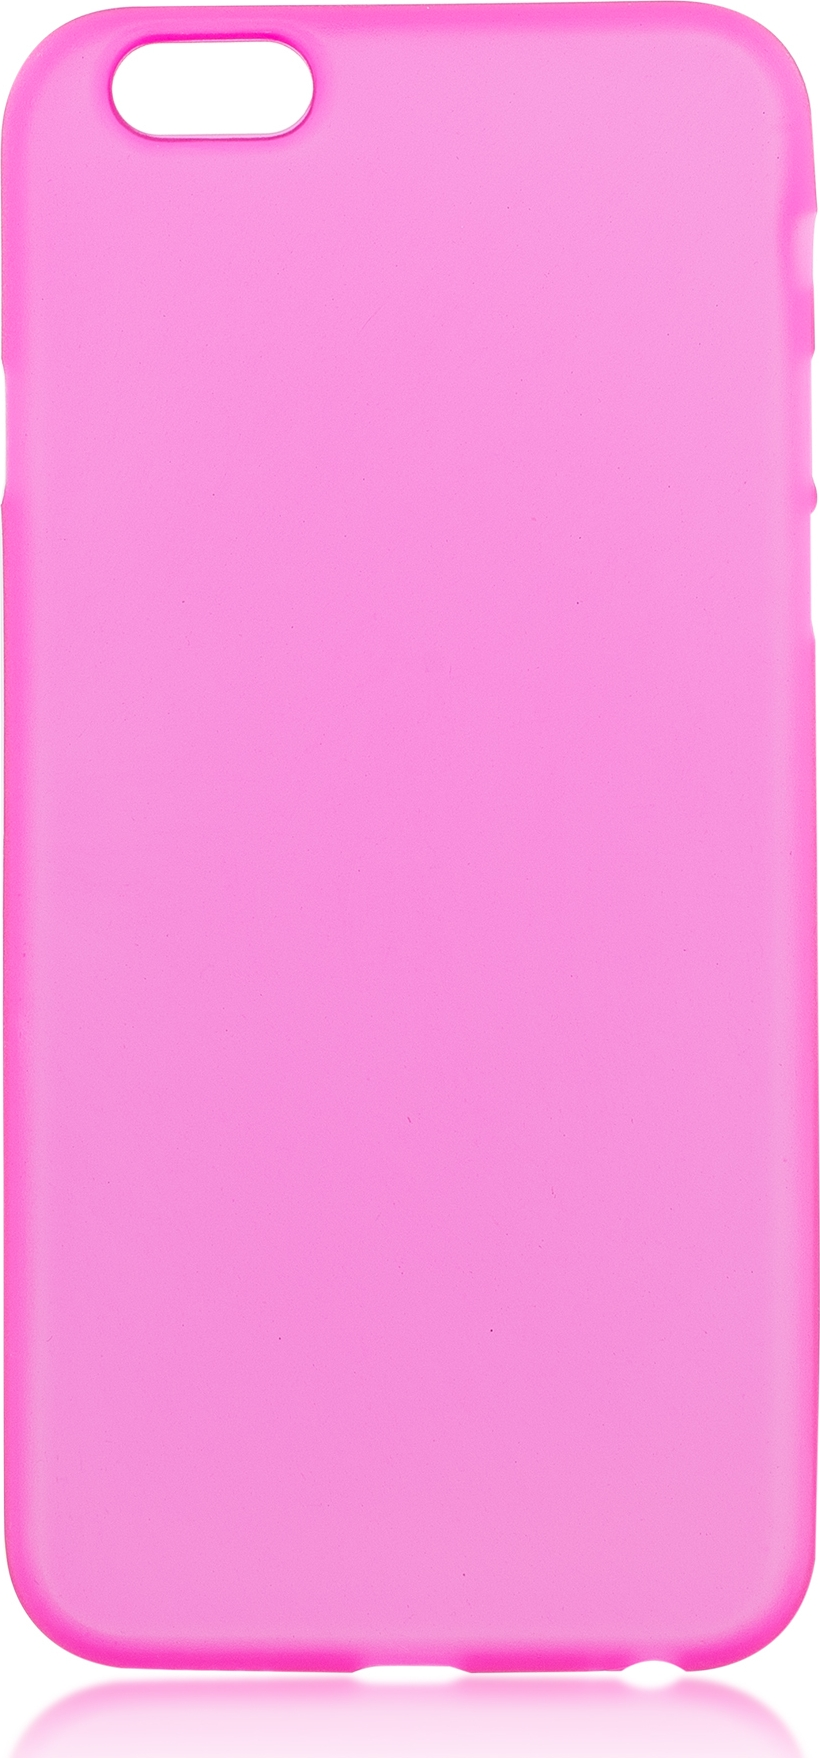 купить Чехол Brosco SuperSlim для Apple iPhone 6, коричневый онлайн